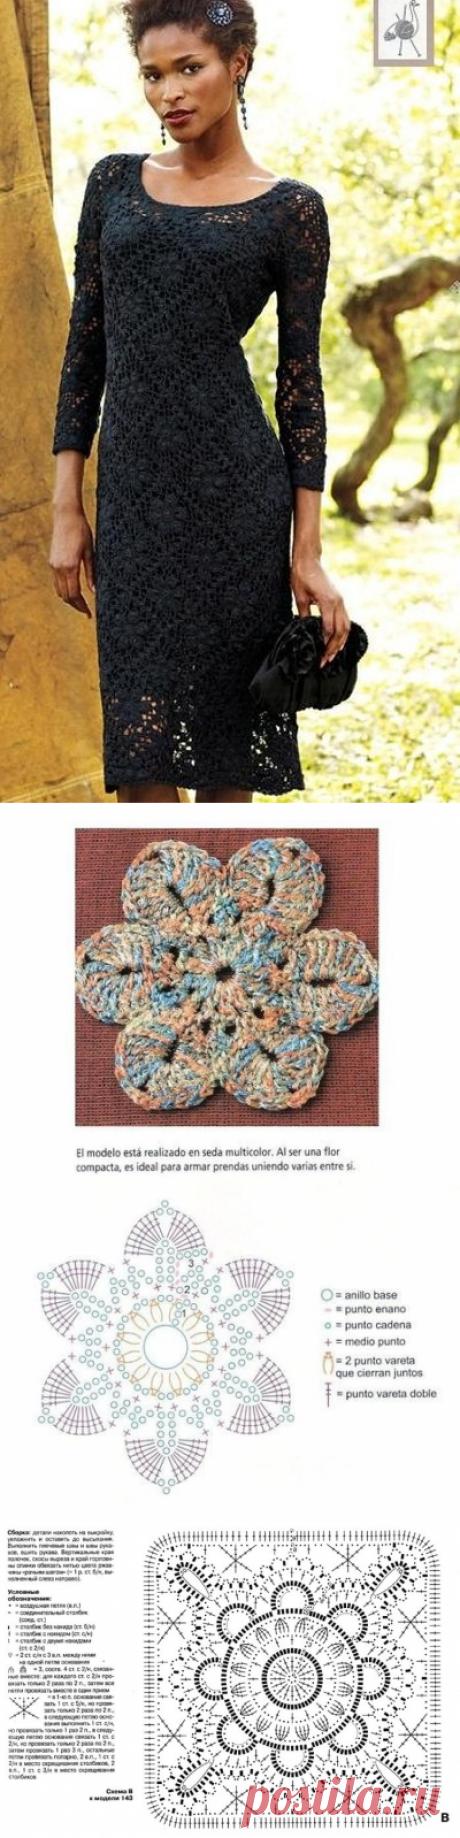 Платья крючком со схемами. Вечернее платье крючком | Лаборатория домашнего хозяйства